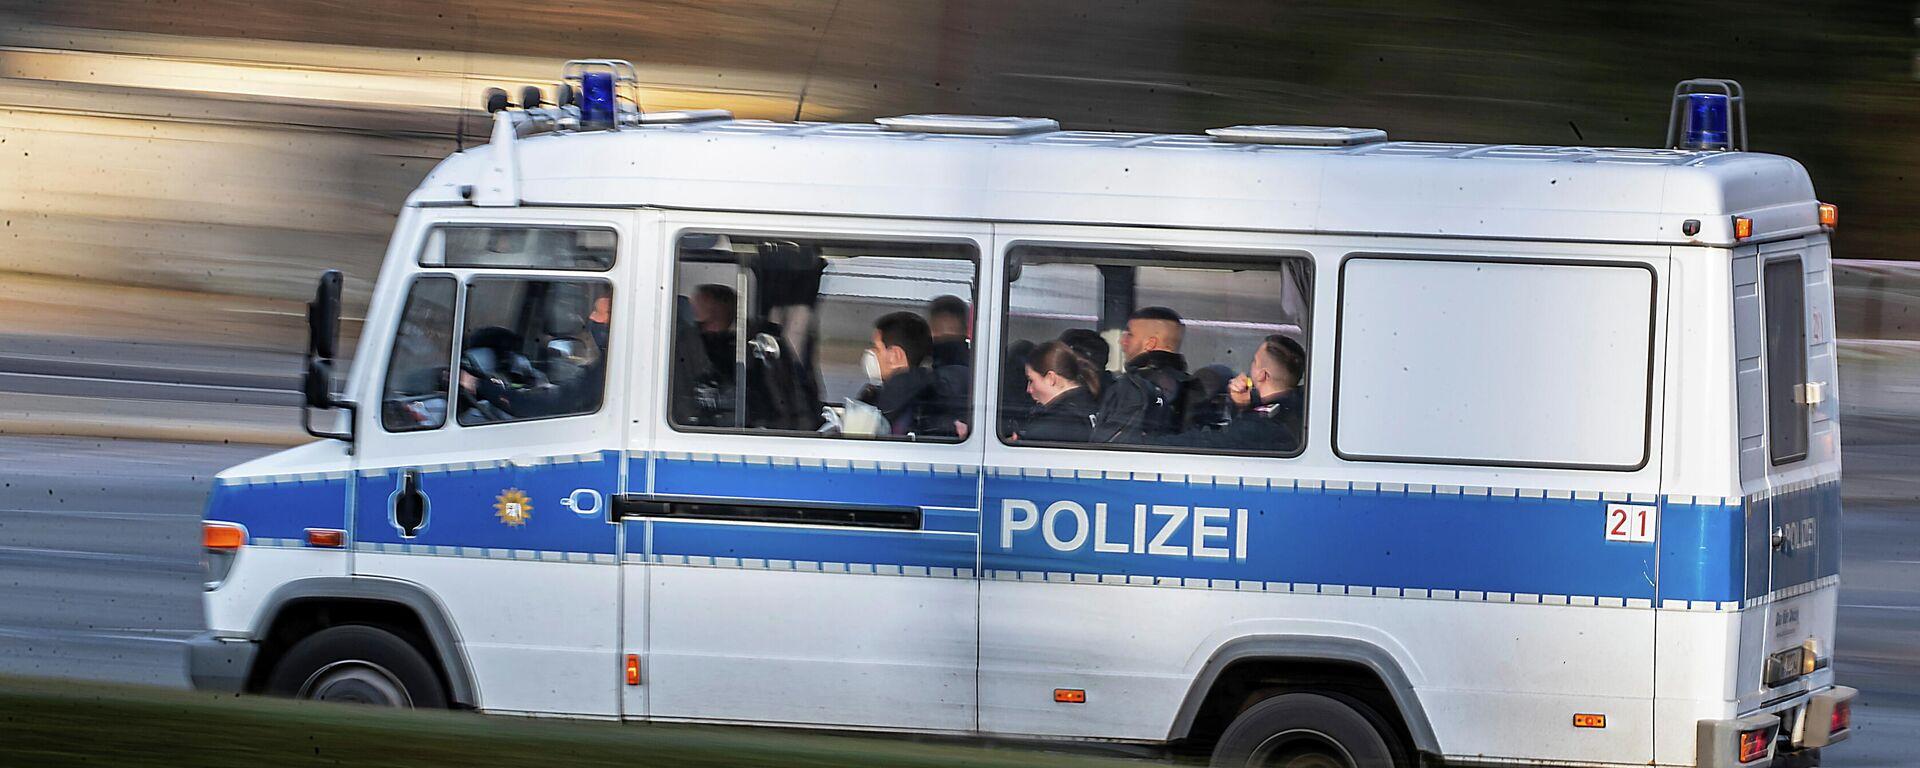 Ein Polizeiwagen in Berlin - SNA, 1920, 18.01.2021